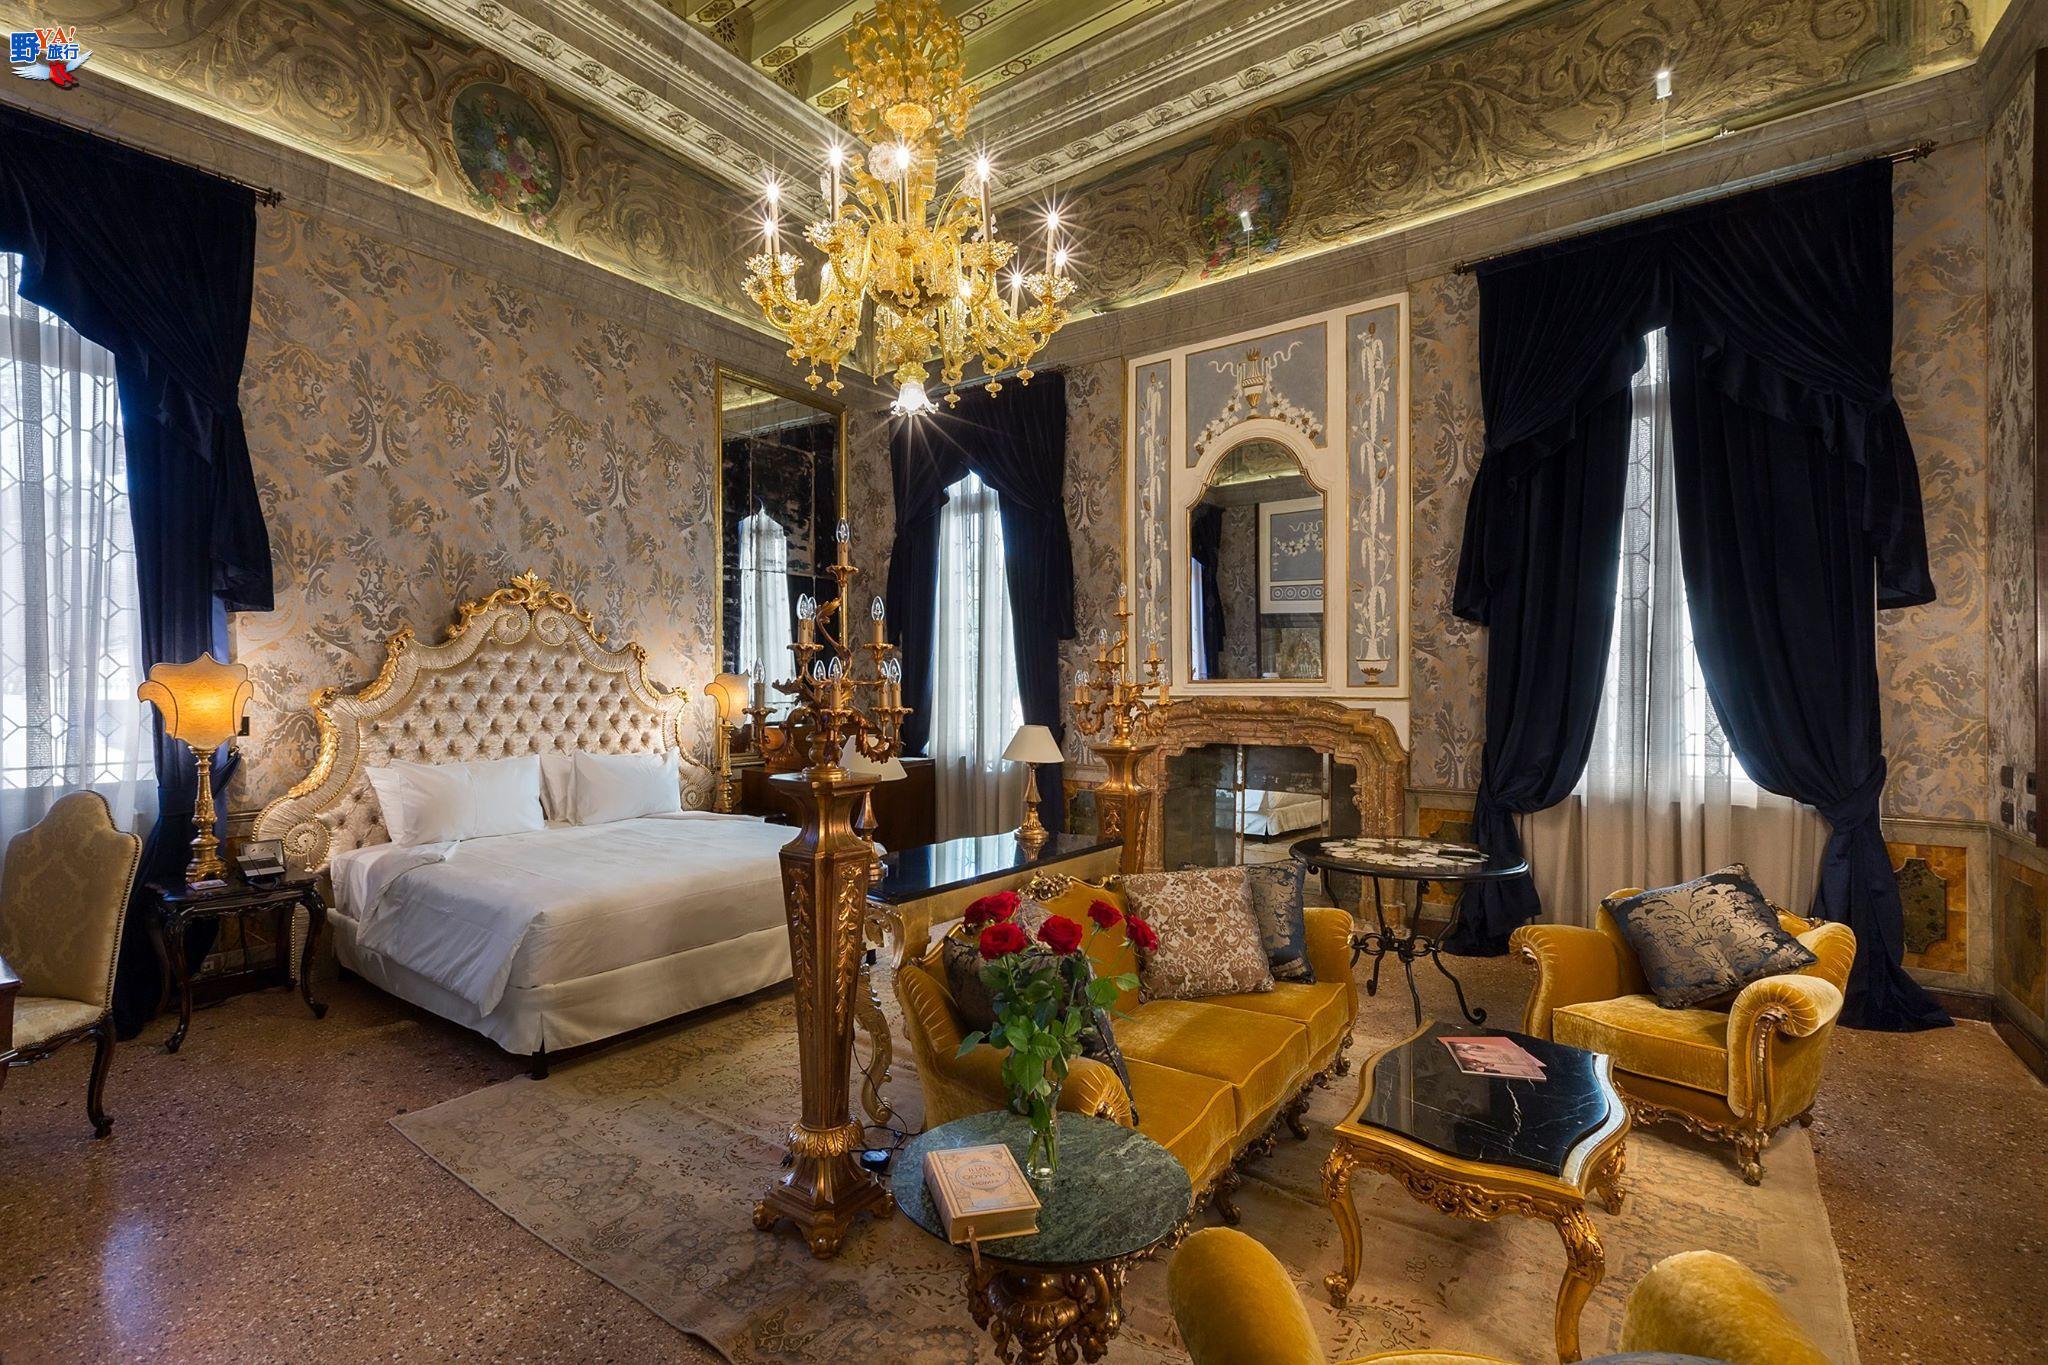 台灣雲品酒店到義大利威尼斯開酒店 @YA 野旅行-旅行不需要理由